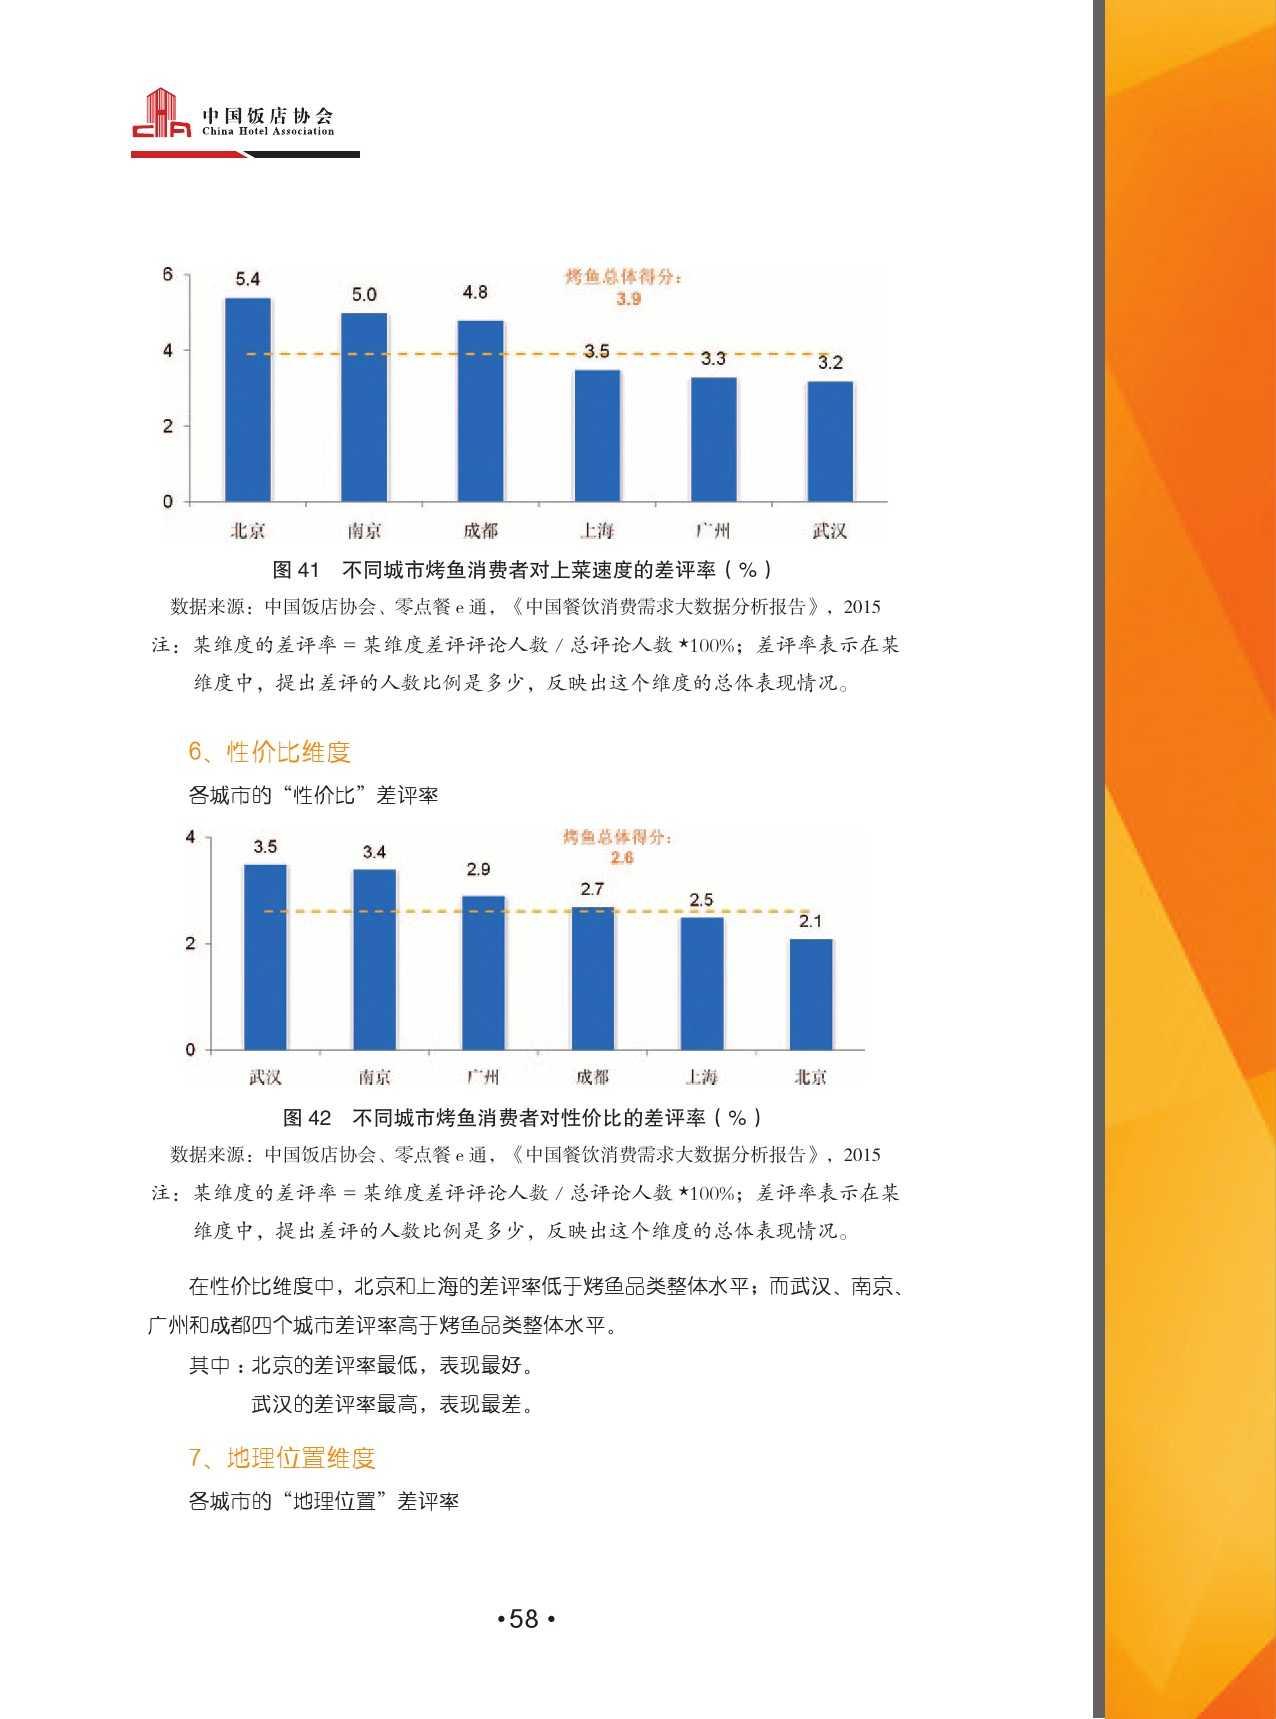 2015中国餐饮消费需求大数据分析报告_000060